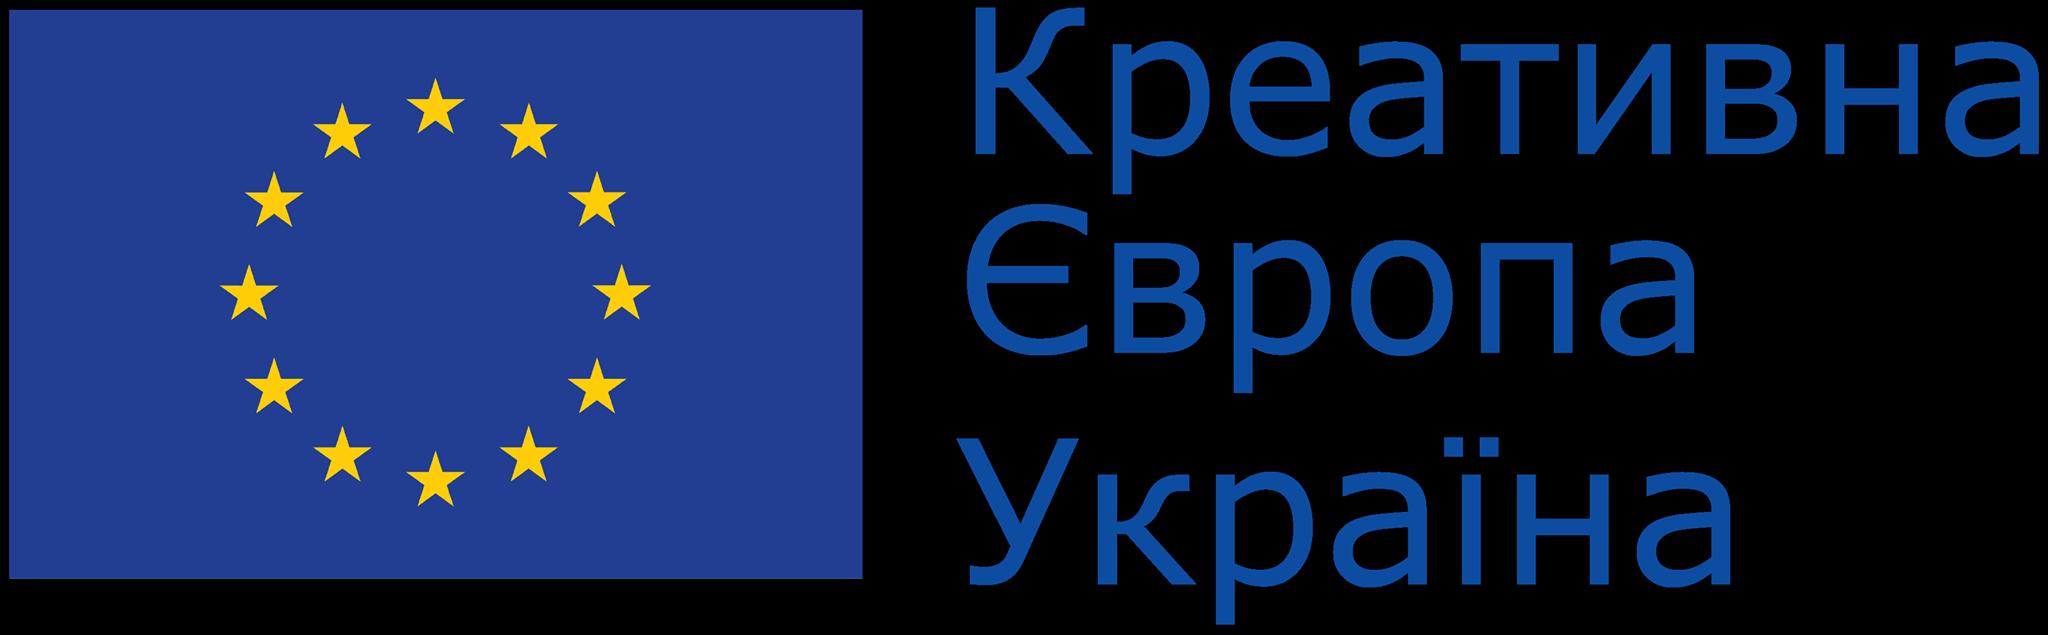 Національне Бюро програми ЄС «Креативна Європа» в Україні